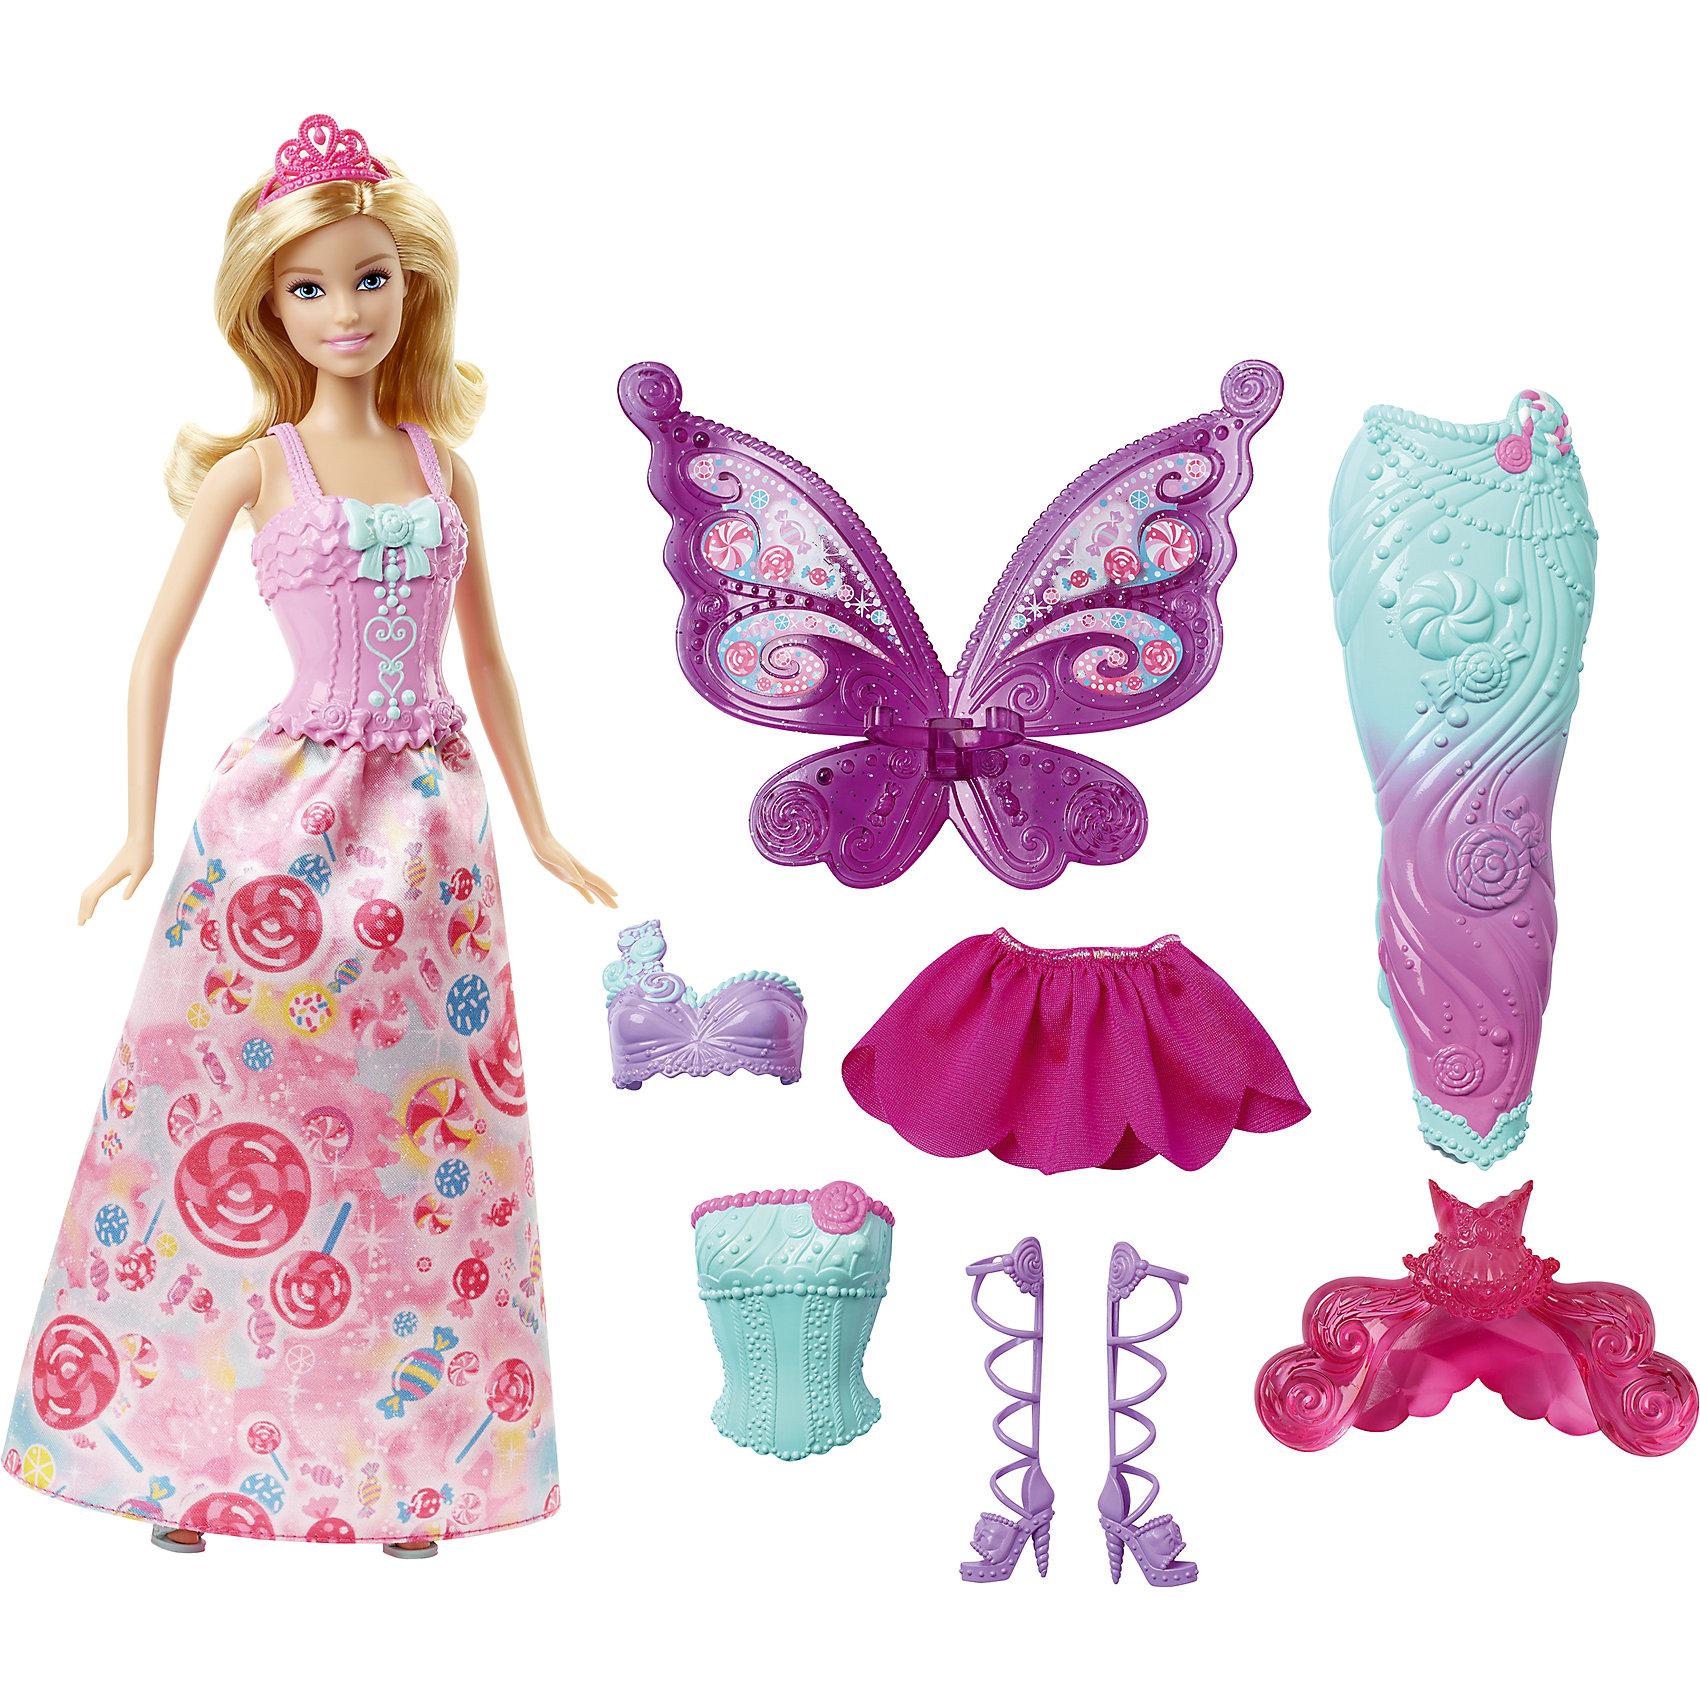 Кукла Barbie Сказочная принцессаПопулярные игрушки<br>Кукла Barbie (Барби) Сказочная принцесса<br><br>Кукла Barbie (Барби) Сказочная принцесса приведет в восторг современную девочку. Ее можно не просто переодевать - в наборе есть и хвост русалки, и наряд феи! И кукла, и аксессуары выполнены в соответствии с высокими стандартами качества Mattel.<br>Набор изготовлен из высококачественных, легких и безопасных для детей материалов.  В комплект входит сама кукла, три корсета, две юбки, крылья феи, хвост русалки, две пары обуви и одна тиара.<br><br>Дополнительная информация:<br><br>цвет: разноцветный;<br>комплектация:  кукла, 3 корсета, 2 юбки, крылья феи, хвост русалки, 2 пары обуви, 1 тиара.<br>материал: пластик, текстиль;<br>высота куклы: 29 см.<br><br>Кукла Barbie (Барби) Сказочная принцесса можно купить в нашем магазине.<br><br>Ширина мм: 326<br>Глубина мм: 329<br>Высота мм: 64<br>Вес г: 378<br>Возраст от месяцев: 36<br>Возраст до месяцев: 72<br>Пол: Женский<br>Возраст: Детский<br>SKU: 4349927